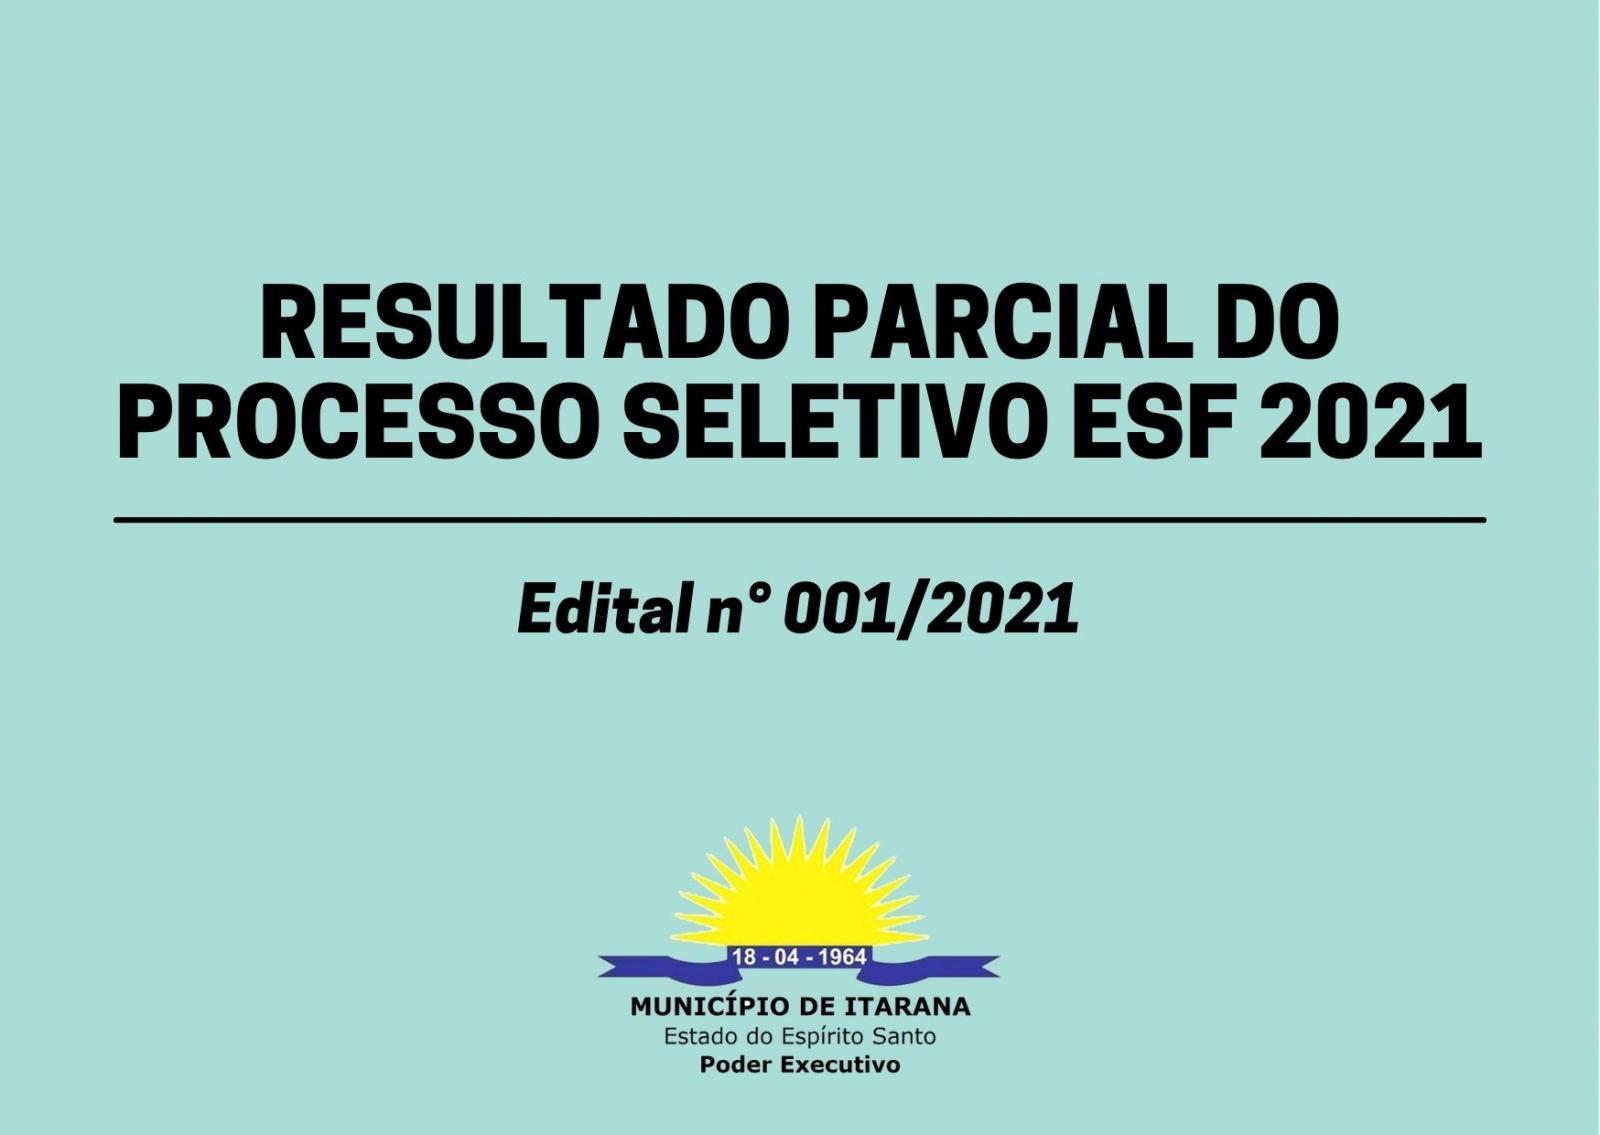 Divulgado resultado parcial do Processo Seletivo ESF 2021